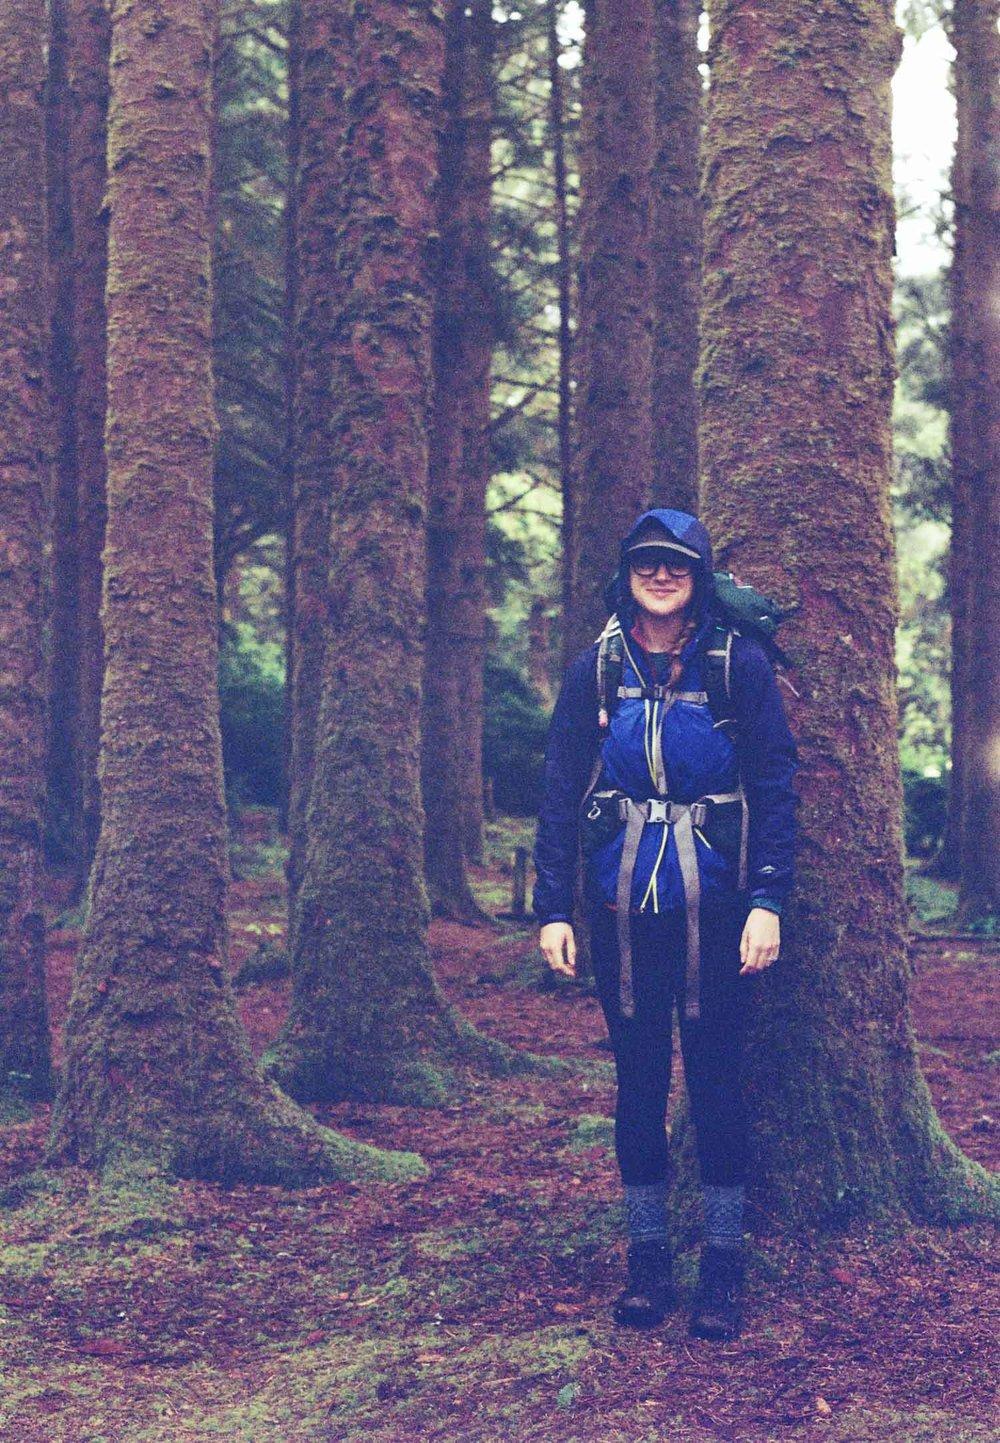 Eowyn, Oregon. Film photo taken by Birralee Hassen.